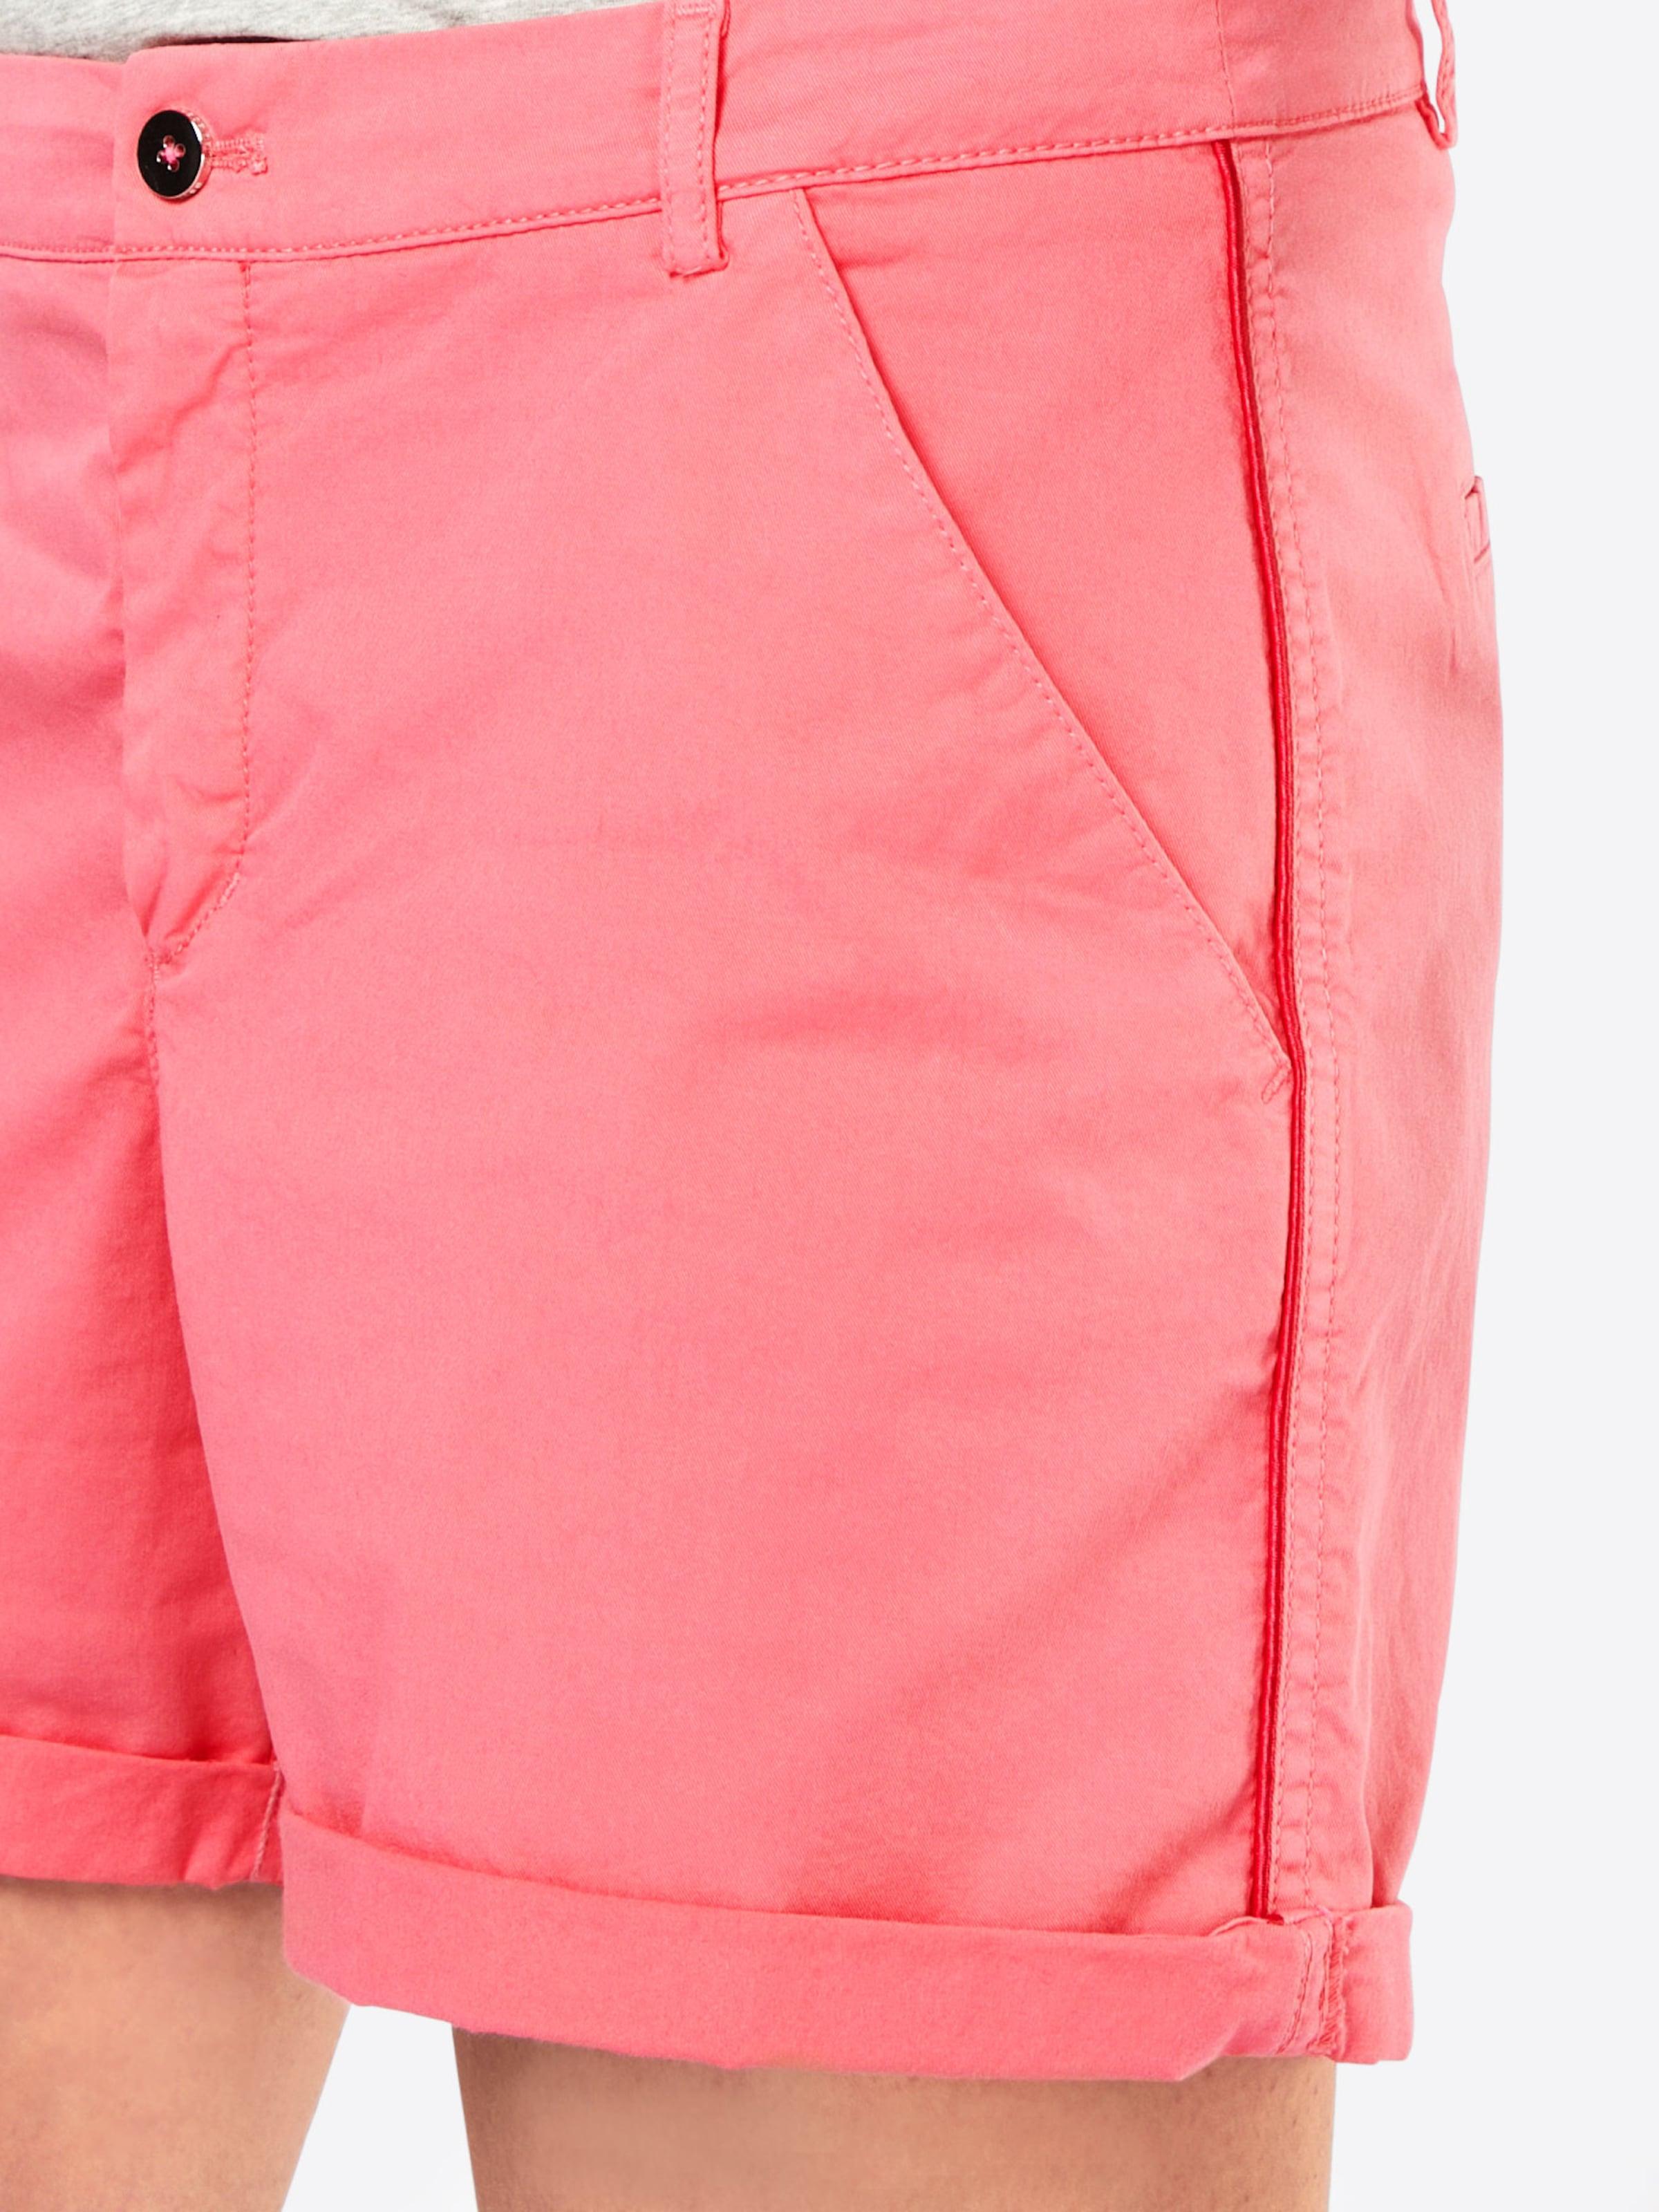 Freie Versandpreise BOSS Shorts 'Sochily' Verkauf 2018 Günstig Kaufen Vorbestellung Niedrig Versandkosten Günstig Online KOxTlF23